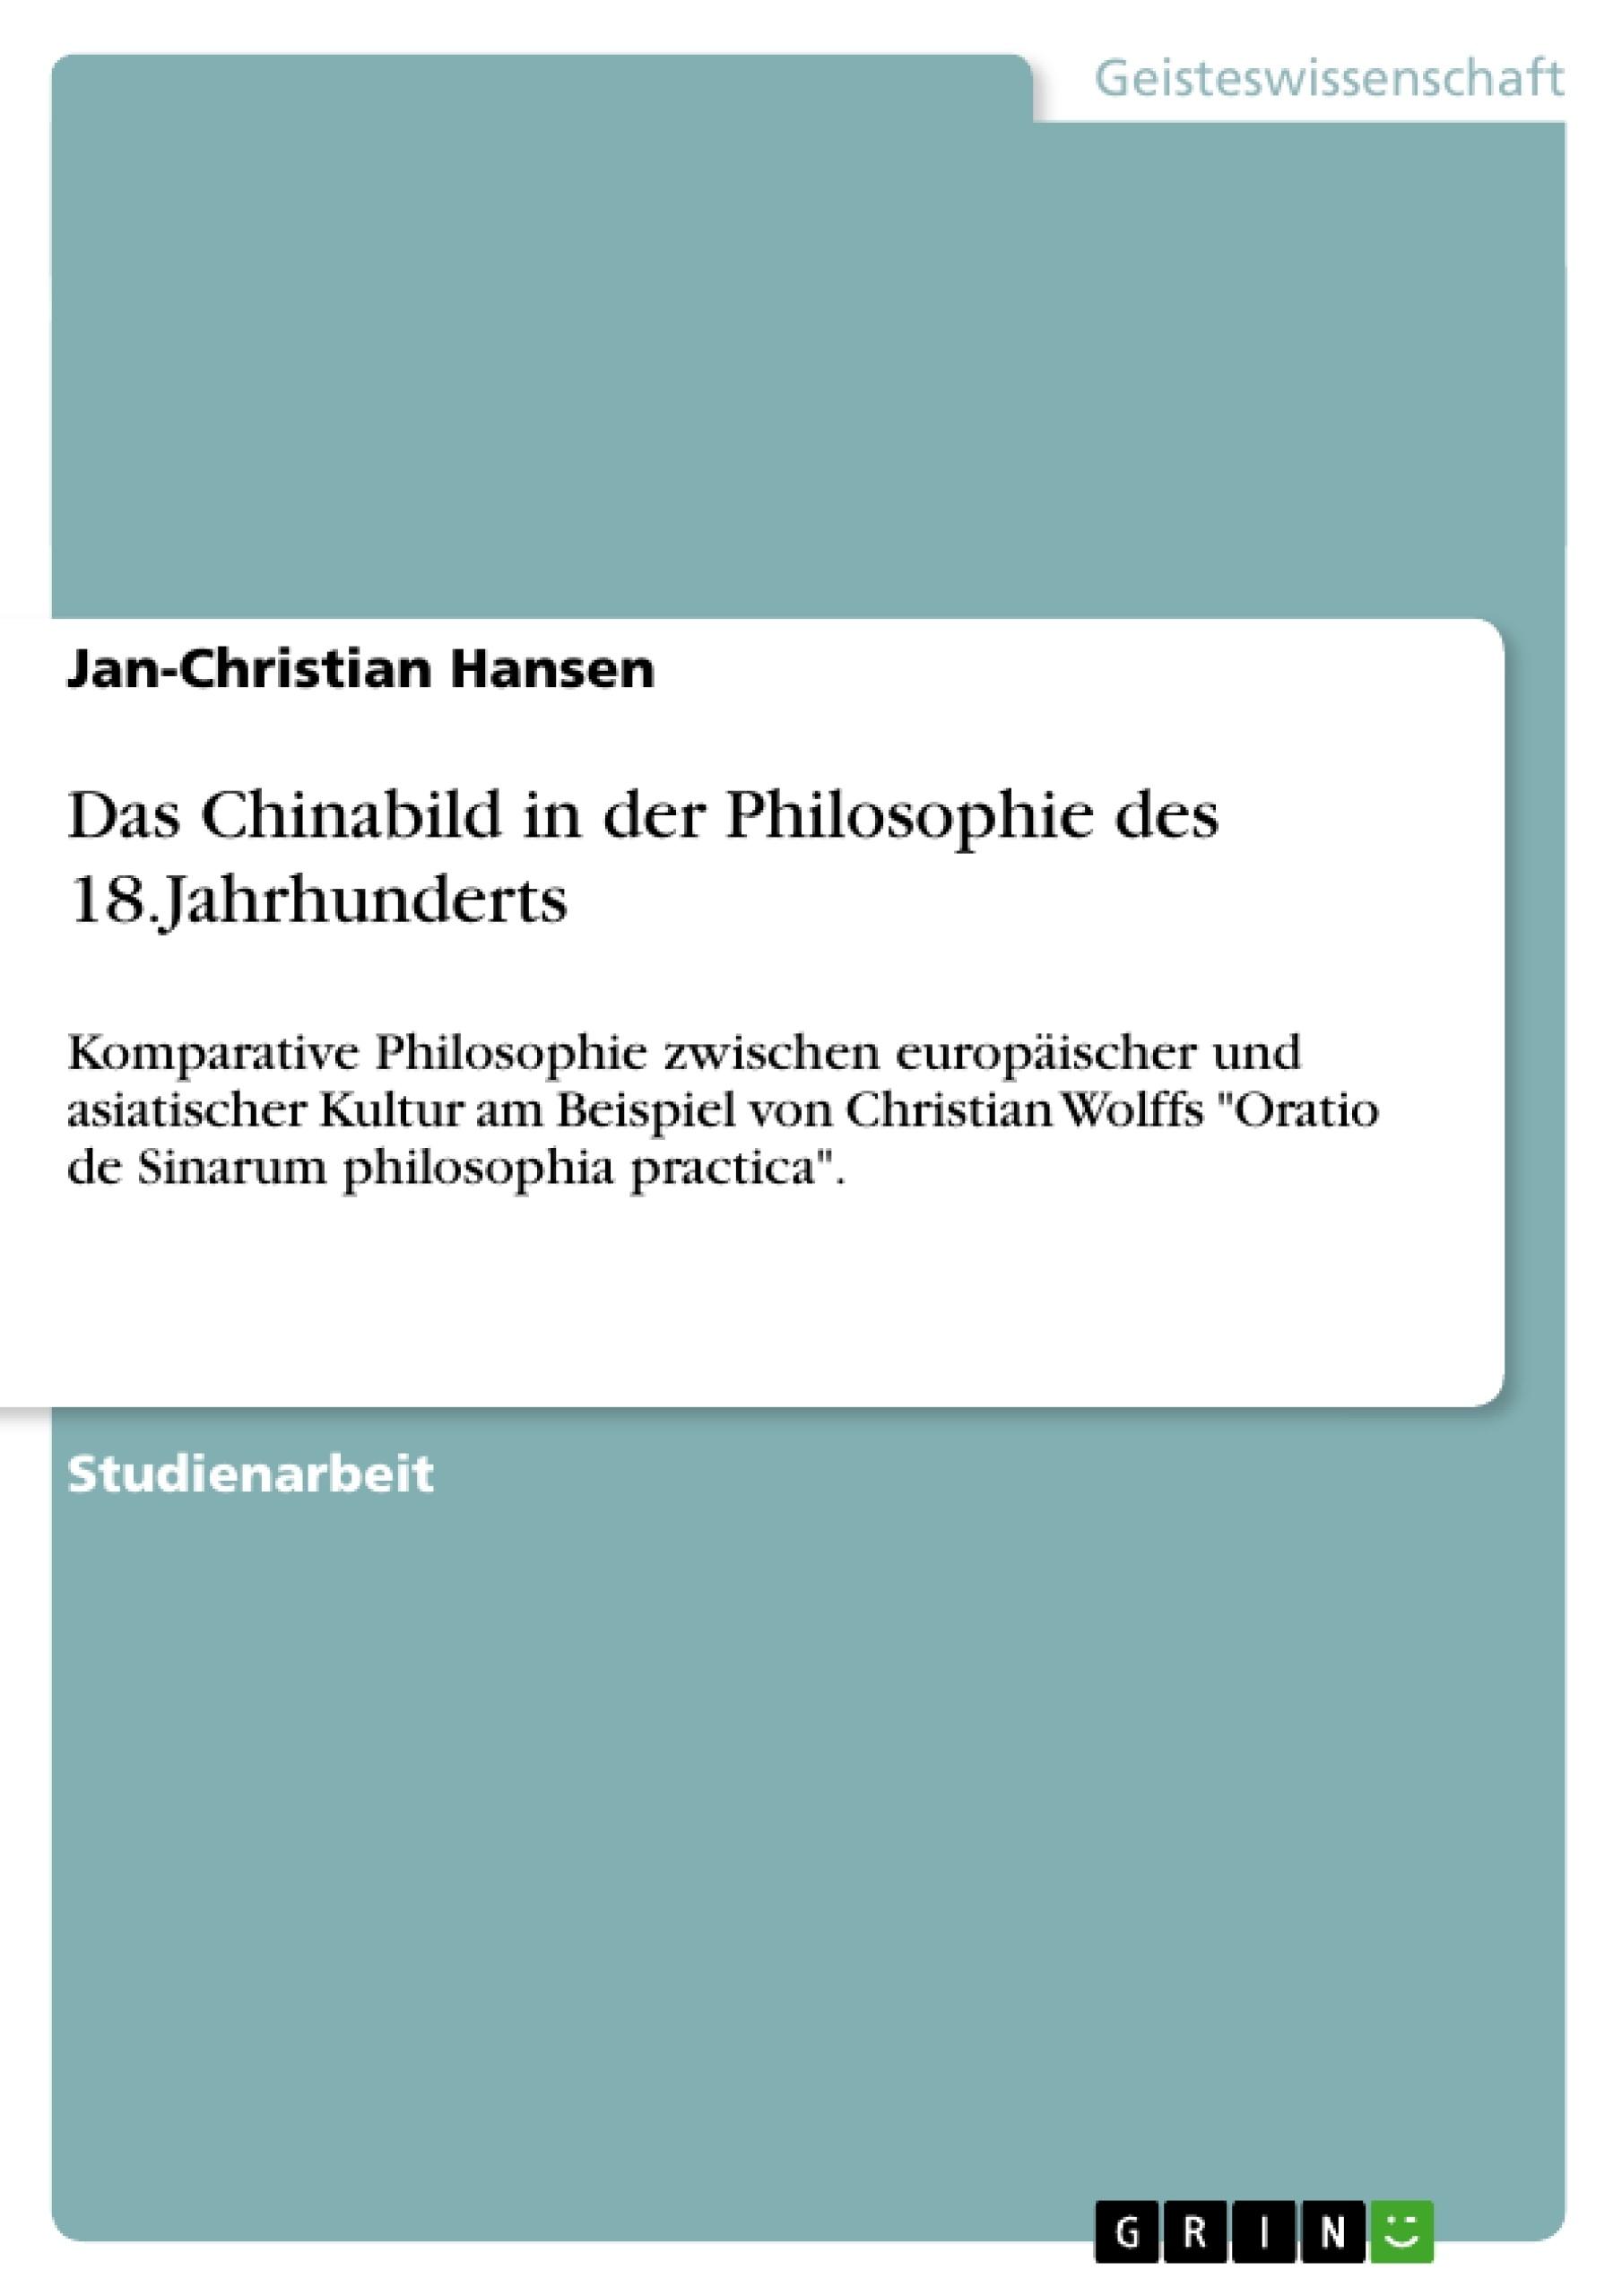 Titel: Das Chinabild in der Philosophie des 18.Jahrhunderts